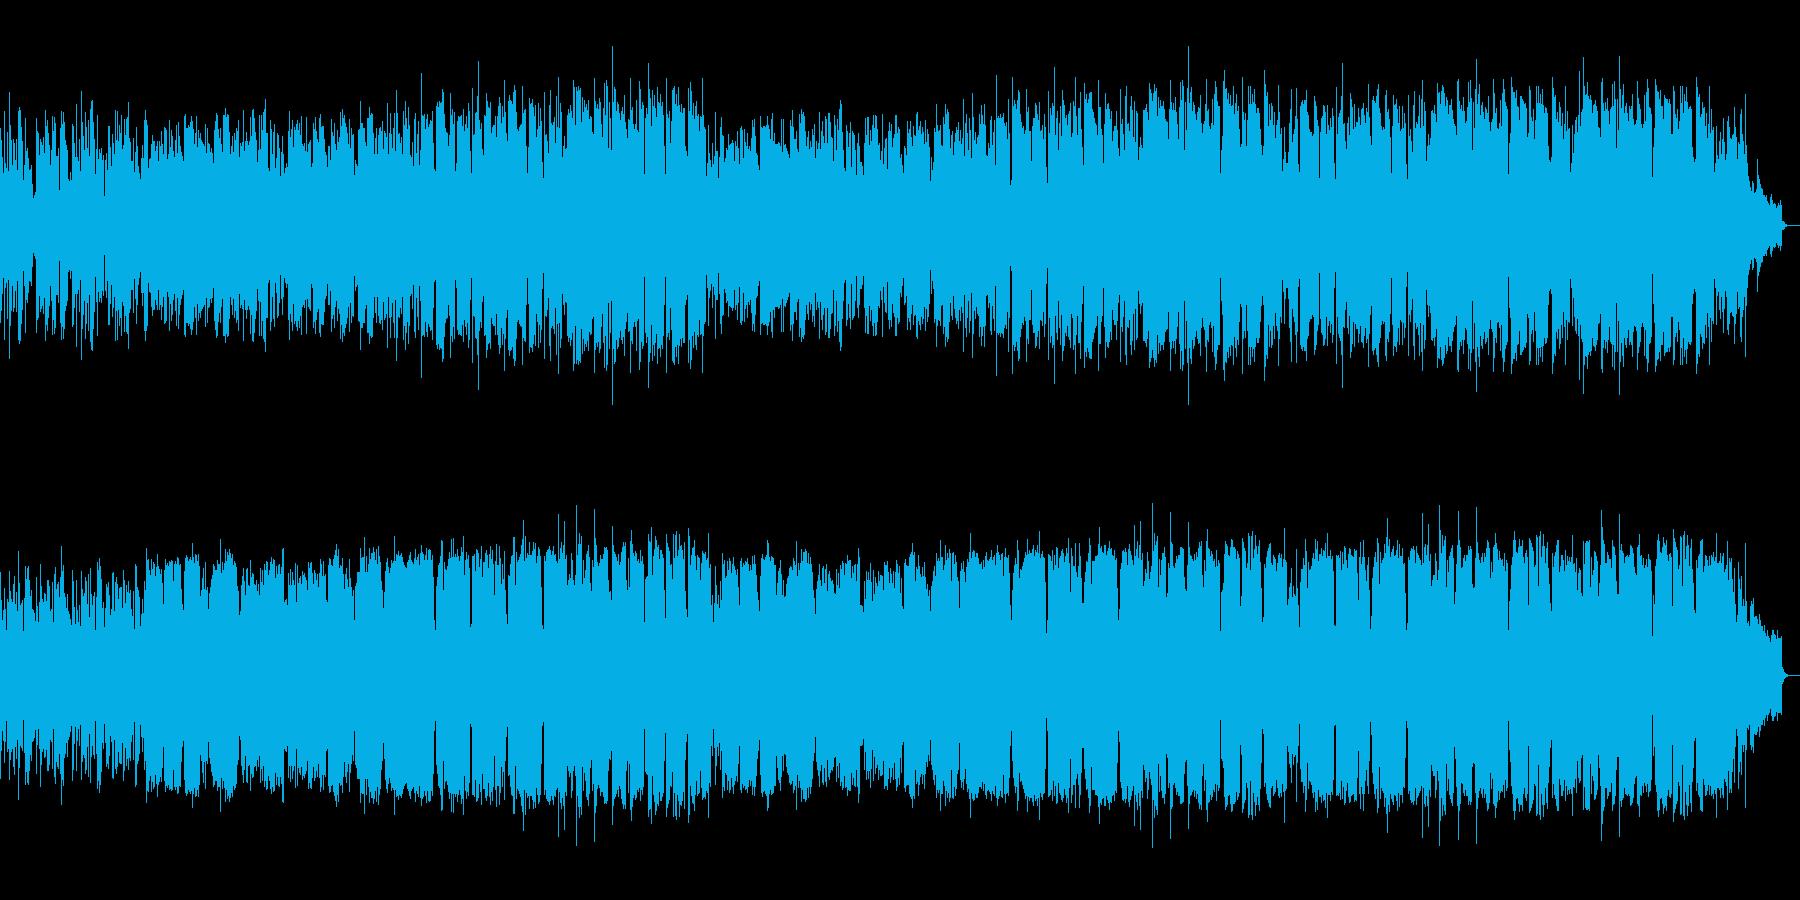 背中を押されるような優しいメロディアス曲の再生済みの波形